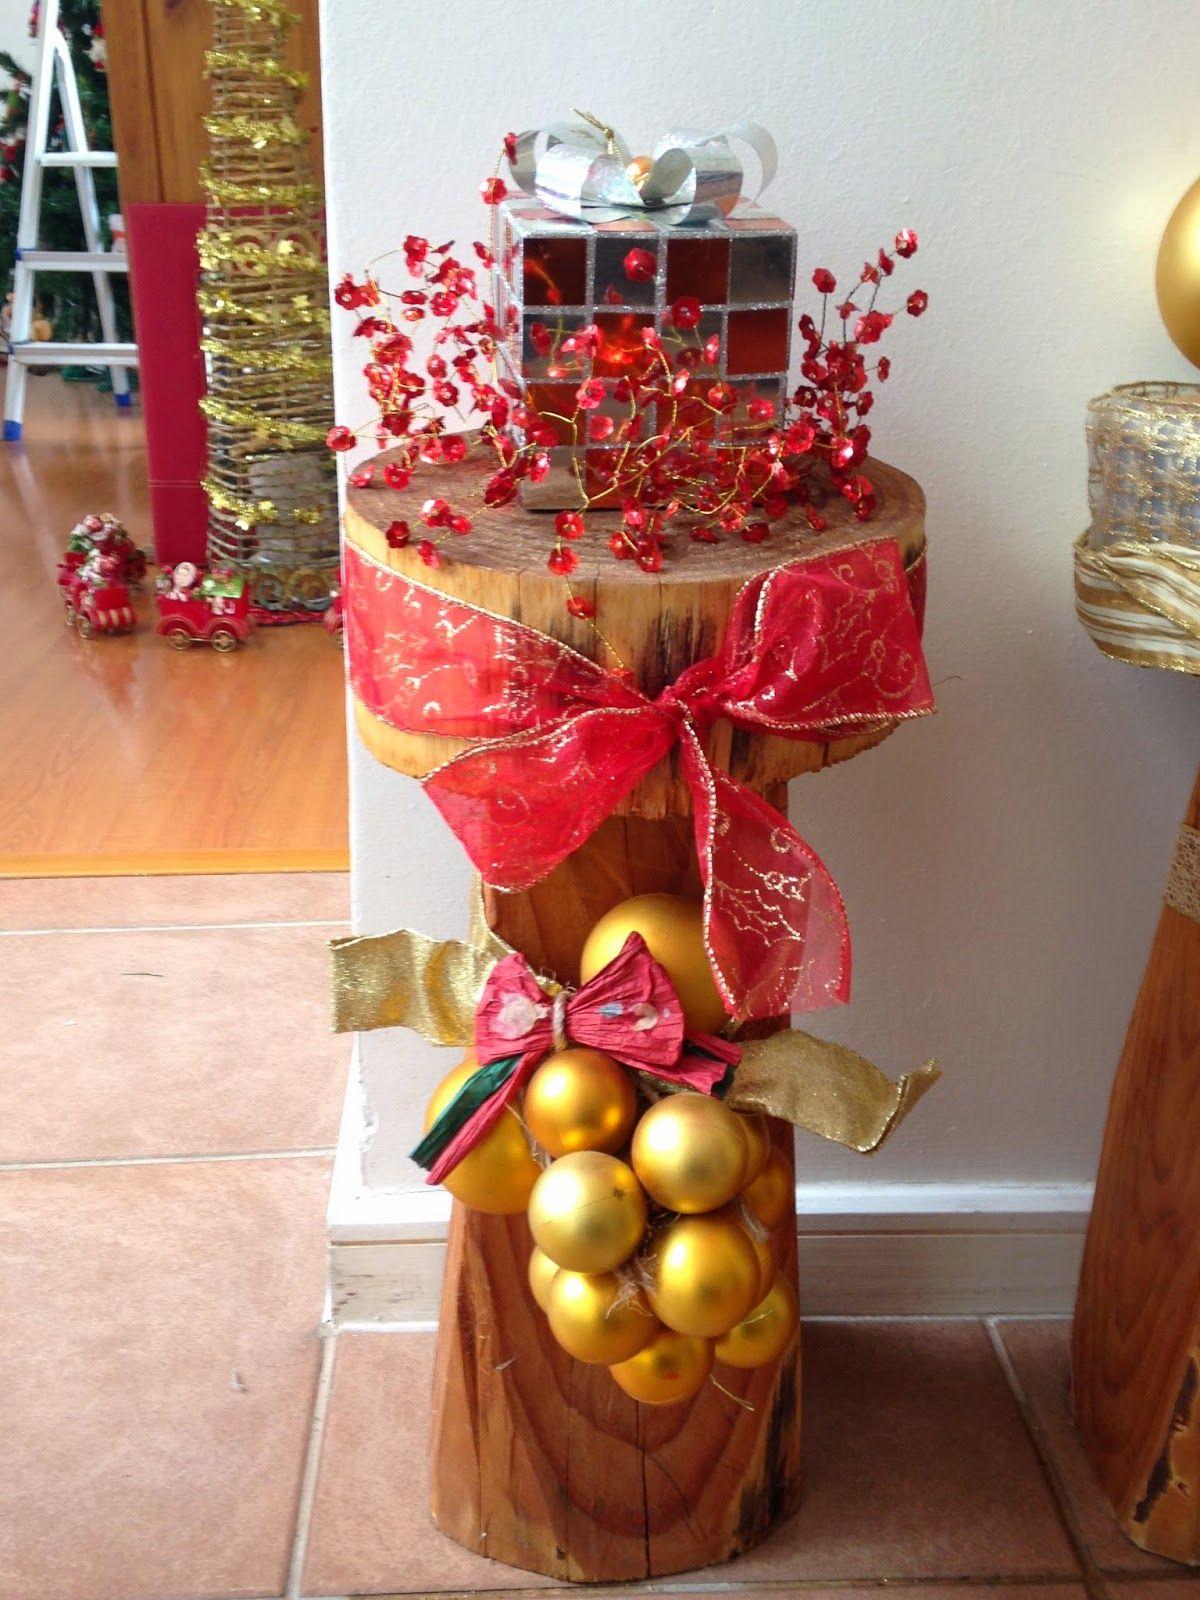 Diy decorando troncos navide os tronco navide o - Adornos navidenos hechos en casa ...